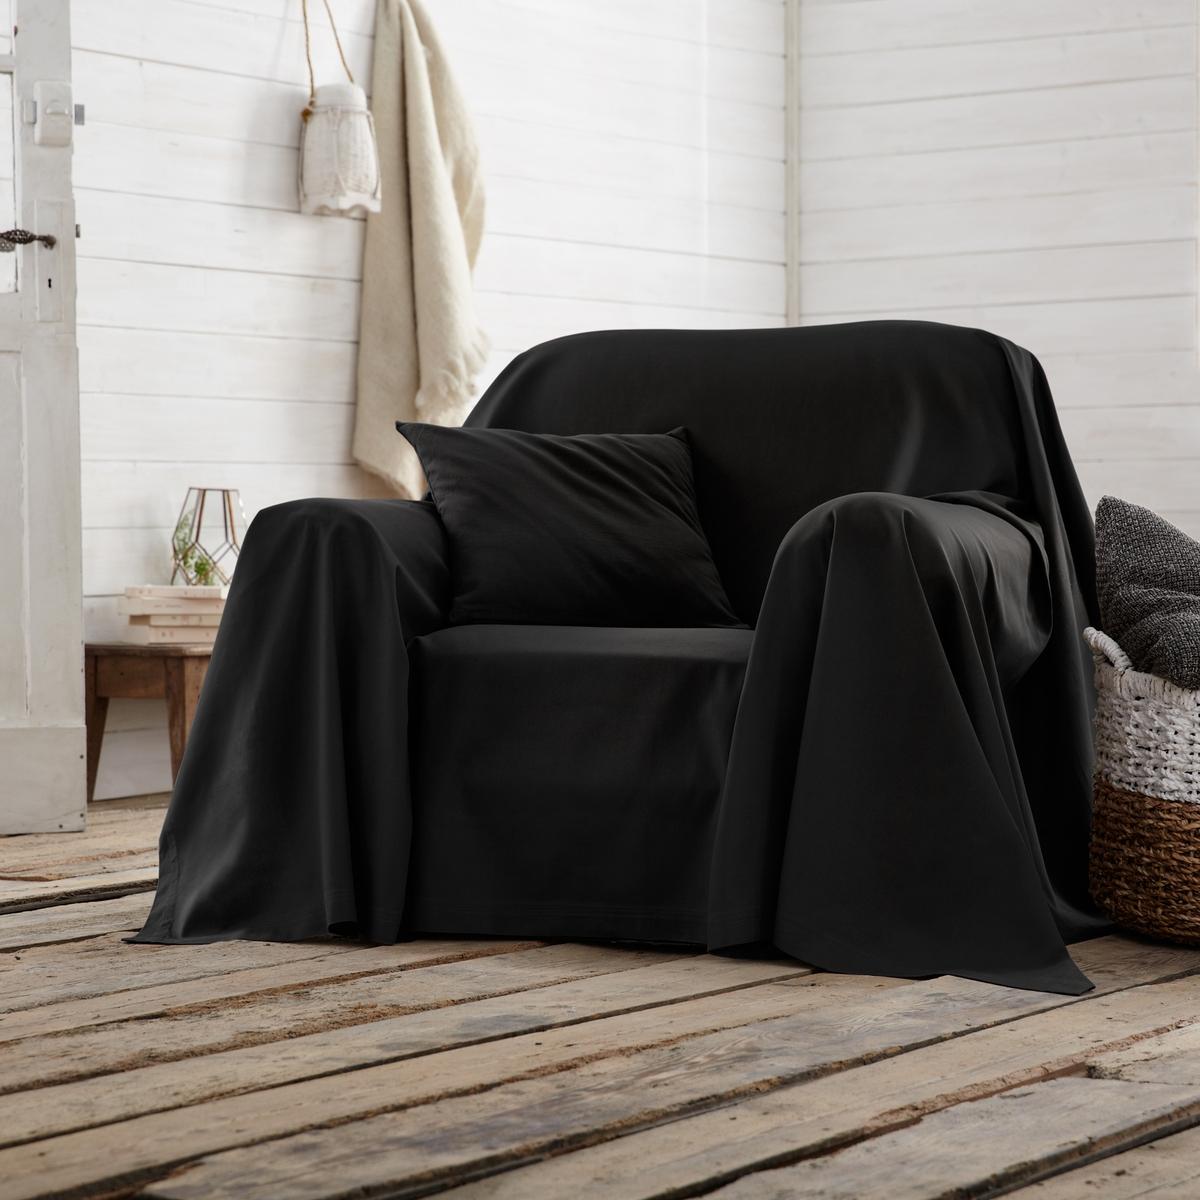 Покрывало La Redoute Для кресла SCENARIO 250 x 350 см черный чехол la redoute эластичный для кресла и дивана ahmis 3 местн белый